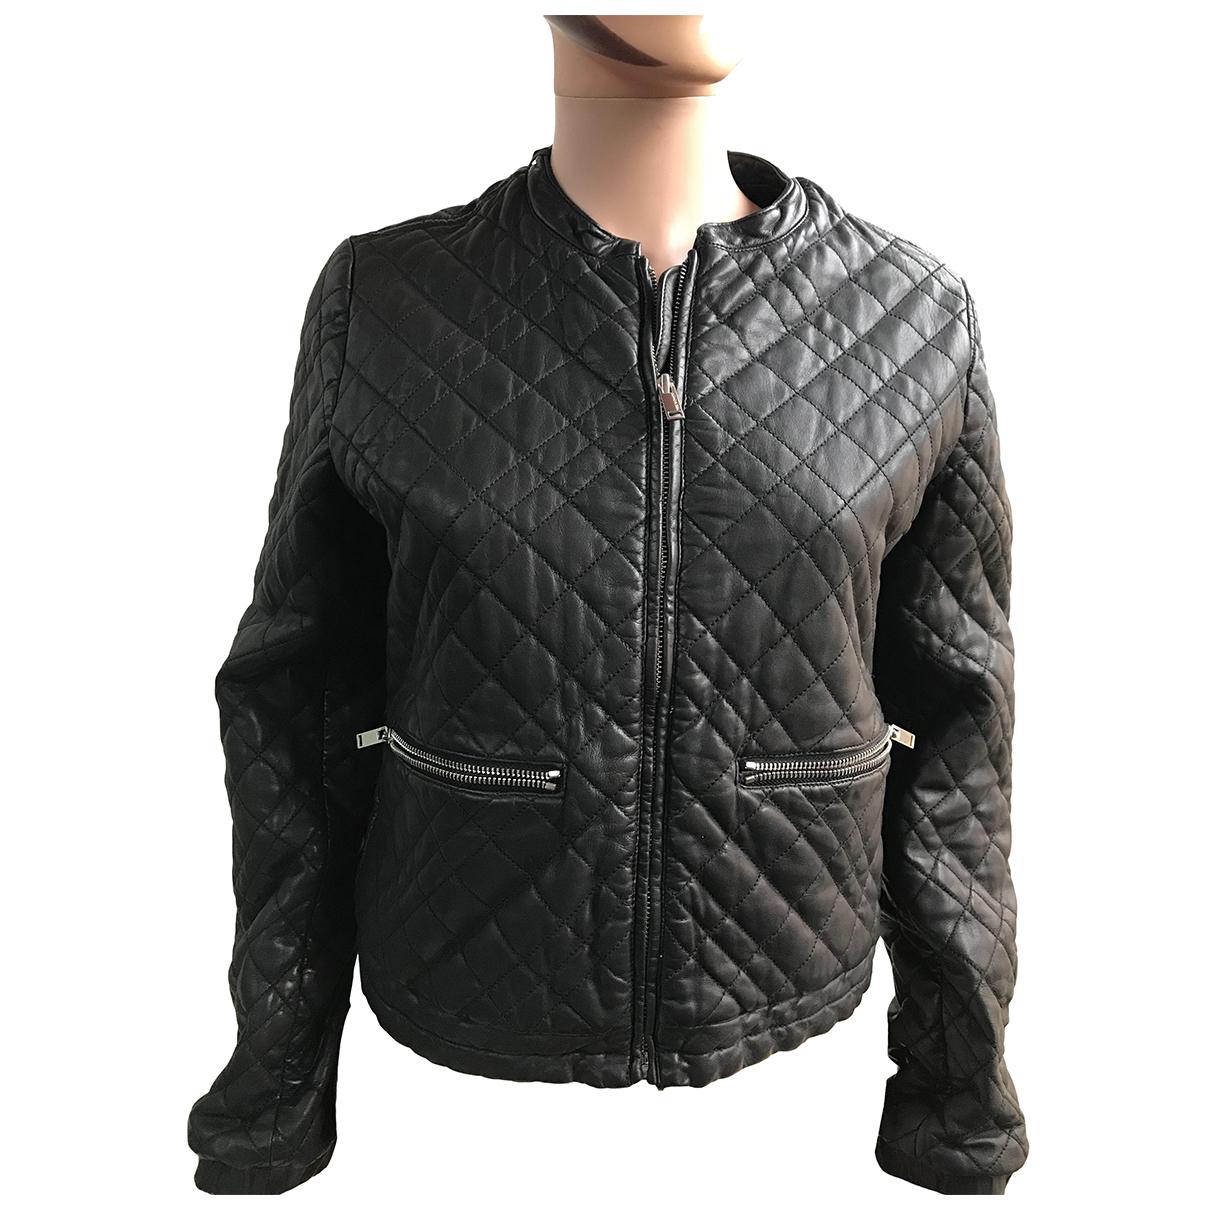 Ikks - Manteau   pour femme en cuir - noir